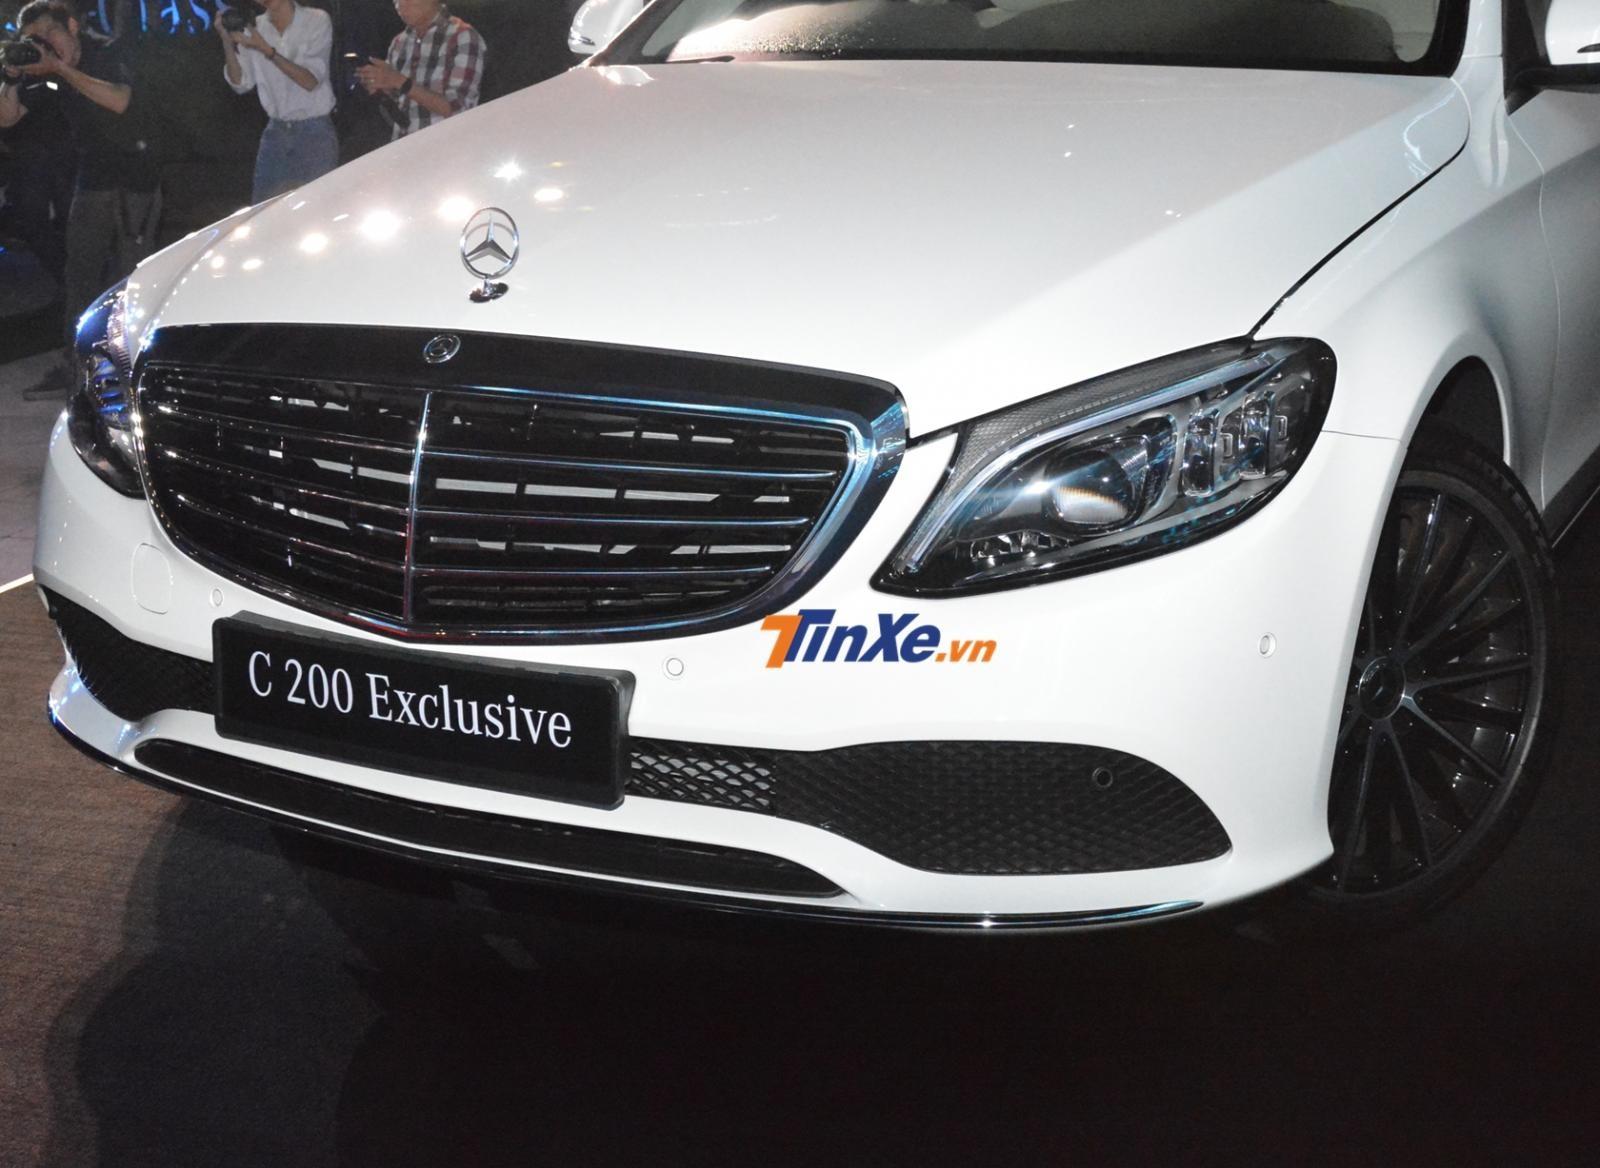 Mercedes-Benz C200 Exclusive 2019 của Ngô Kiến Huy khác biệt với Mercedes-Benz C200 2019 chính là đèn Multi-Beam LED